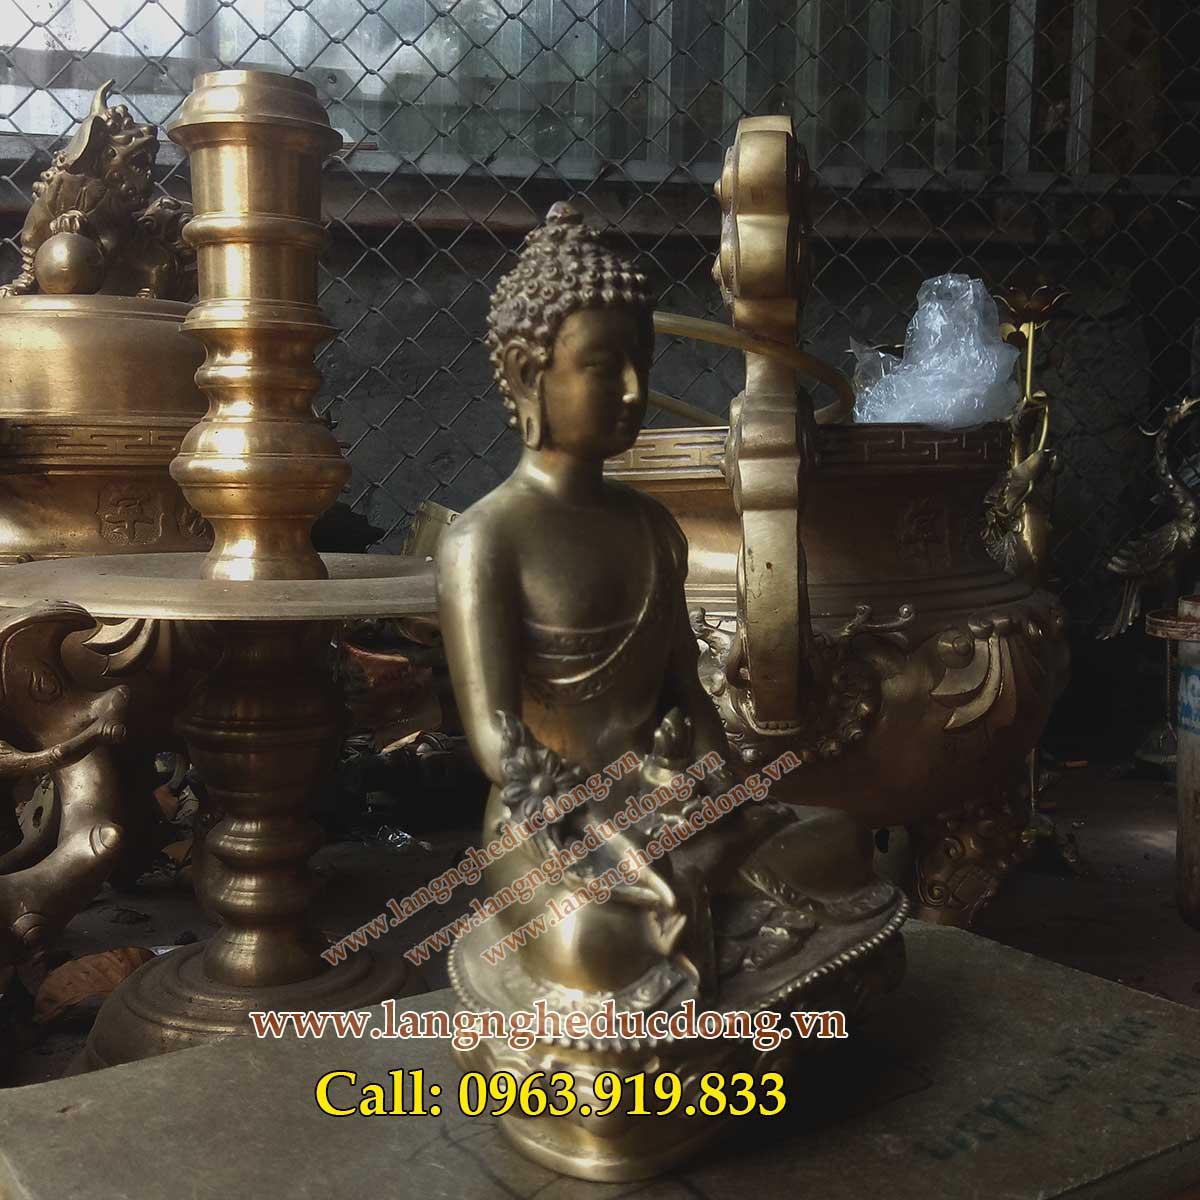 langngheducdong.vn - tượng phật, tượng đồng, tượng phật dược sư, tượng đồng vàng, tượng đồng